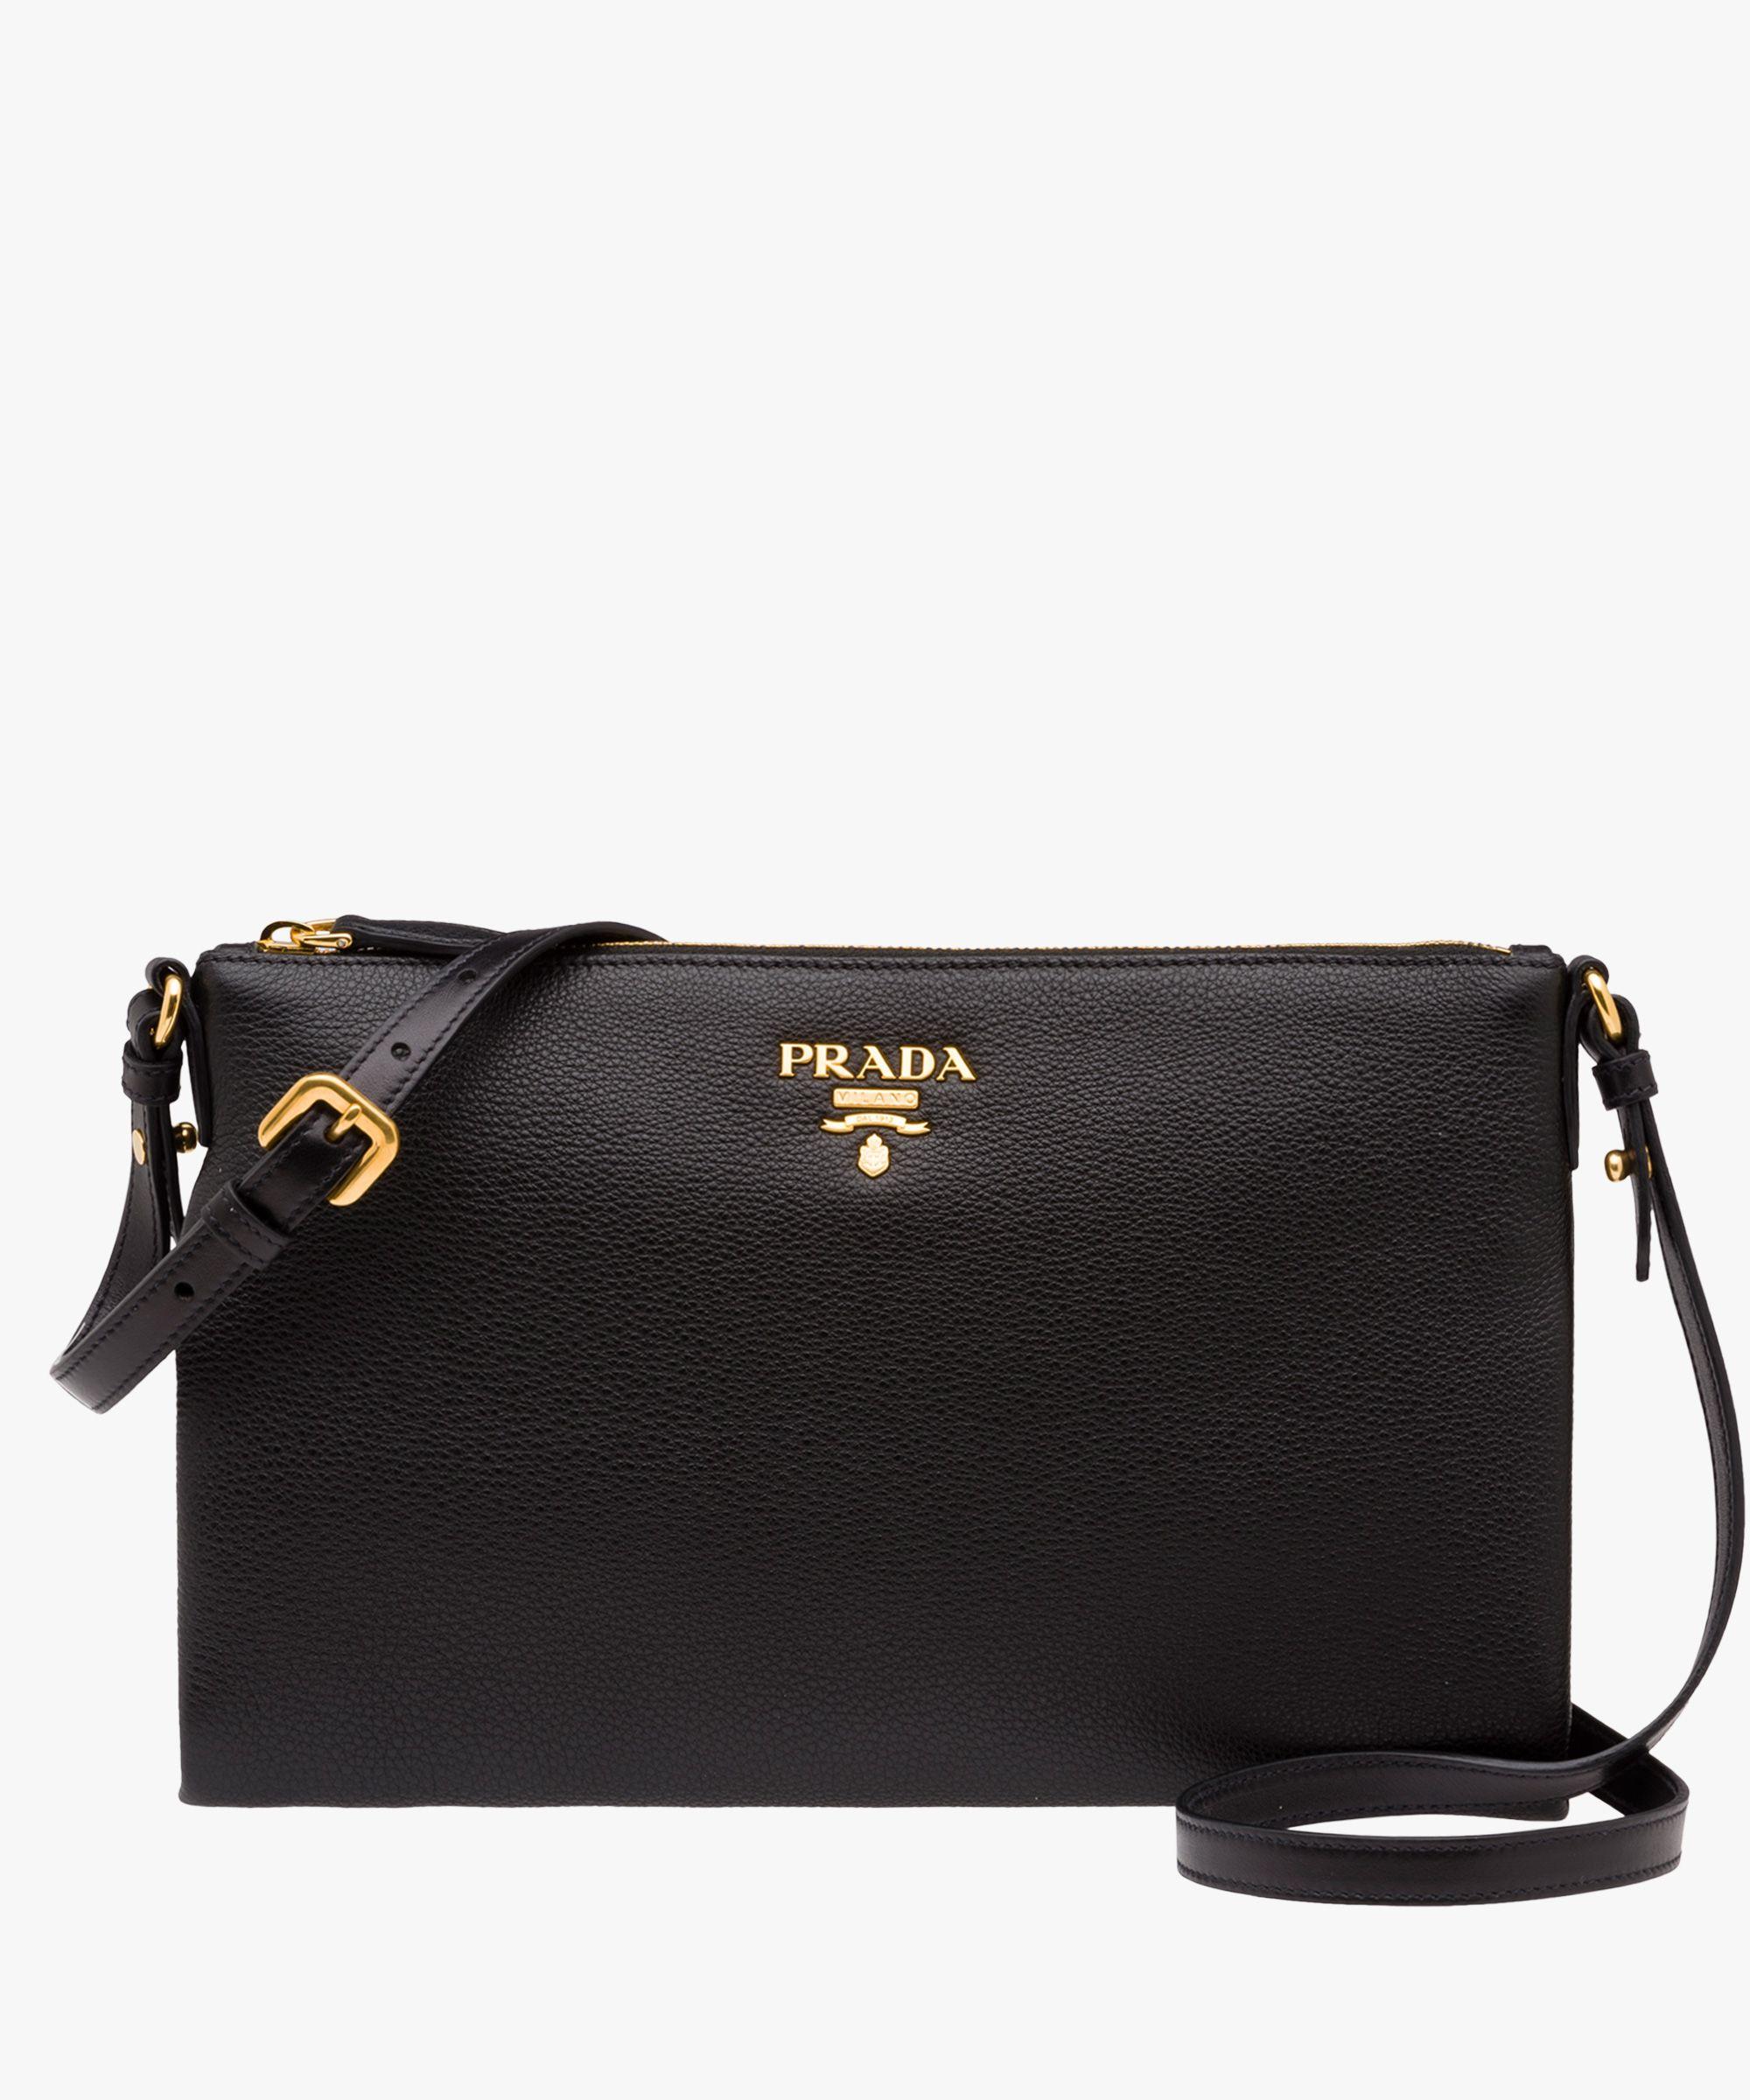 Prada Shoulder Bag  3ccd9c4dc9afe